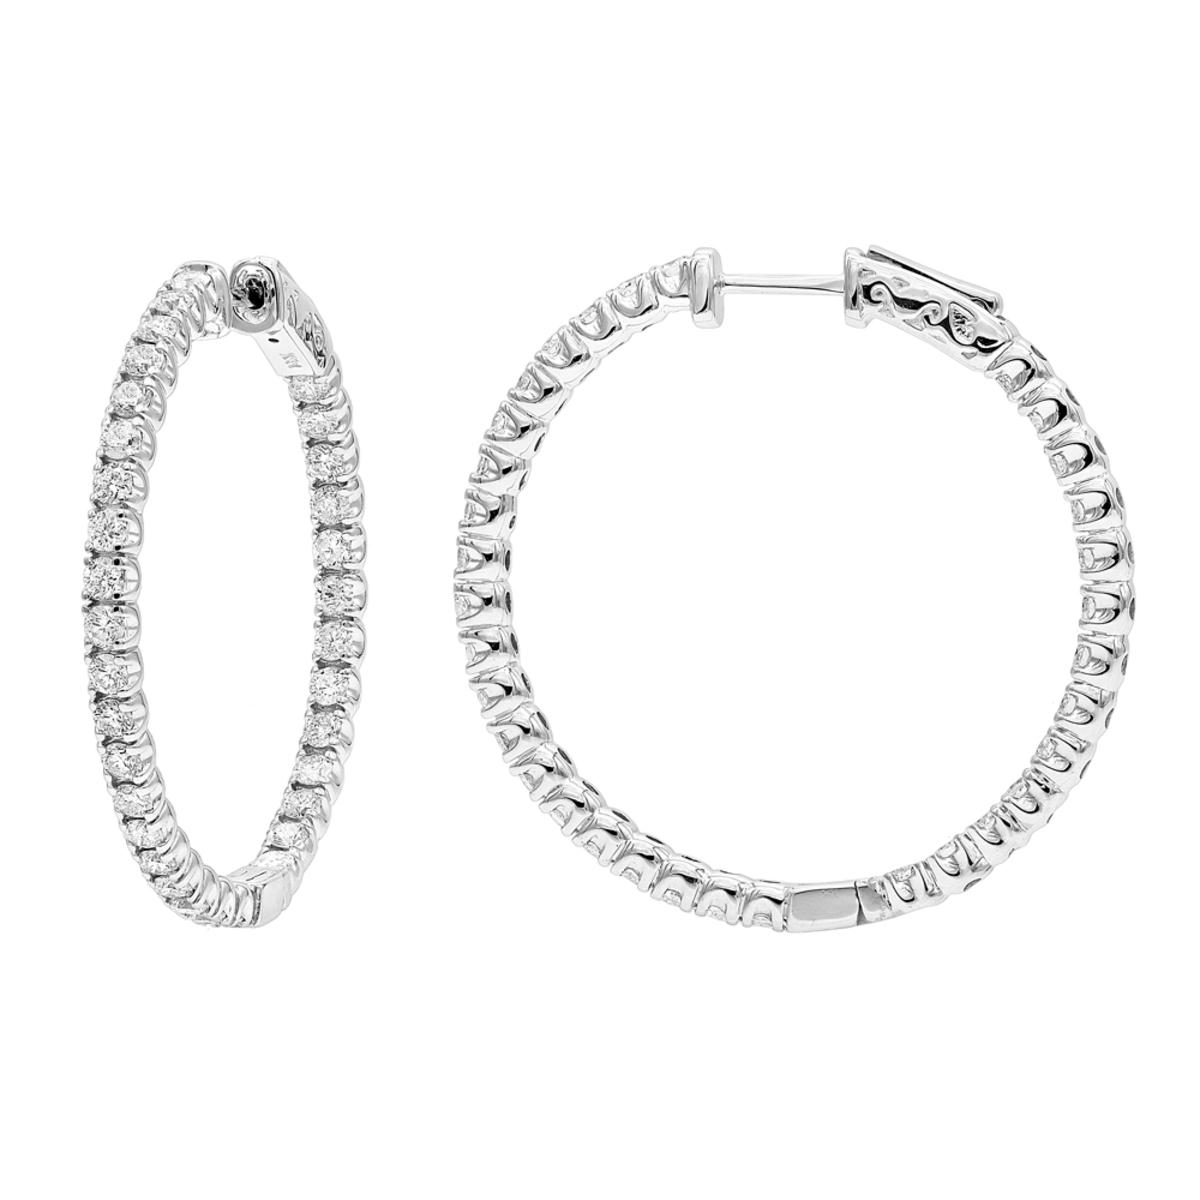 14K Gold Inside Out 3 carat Hoops Diamond Earrings for Women by Luxurman